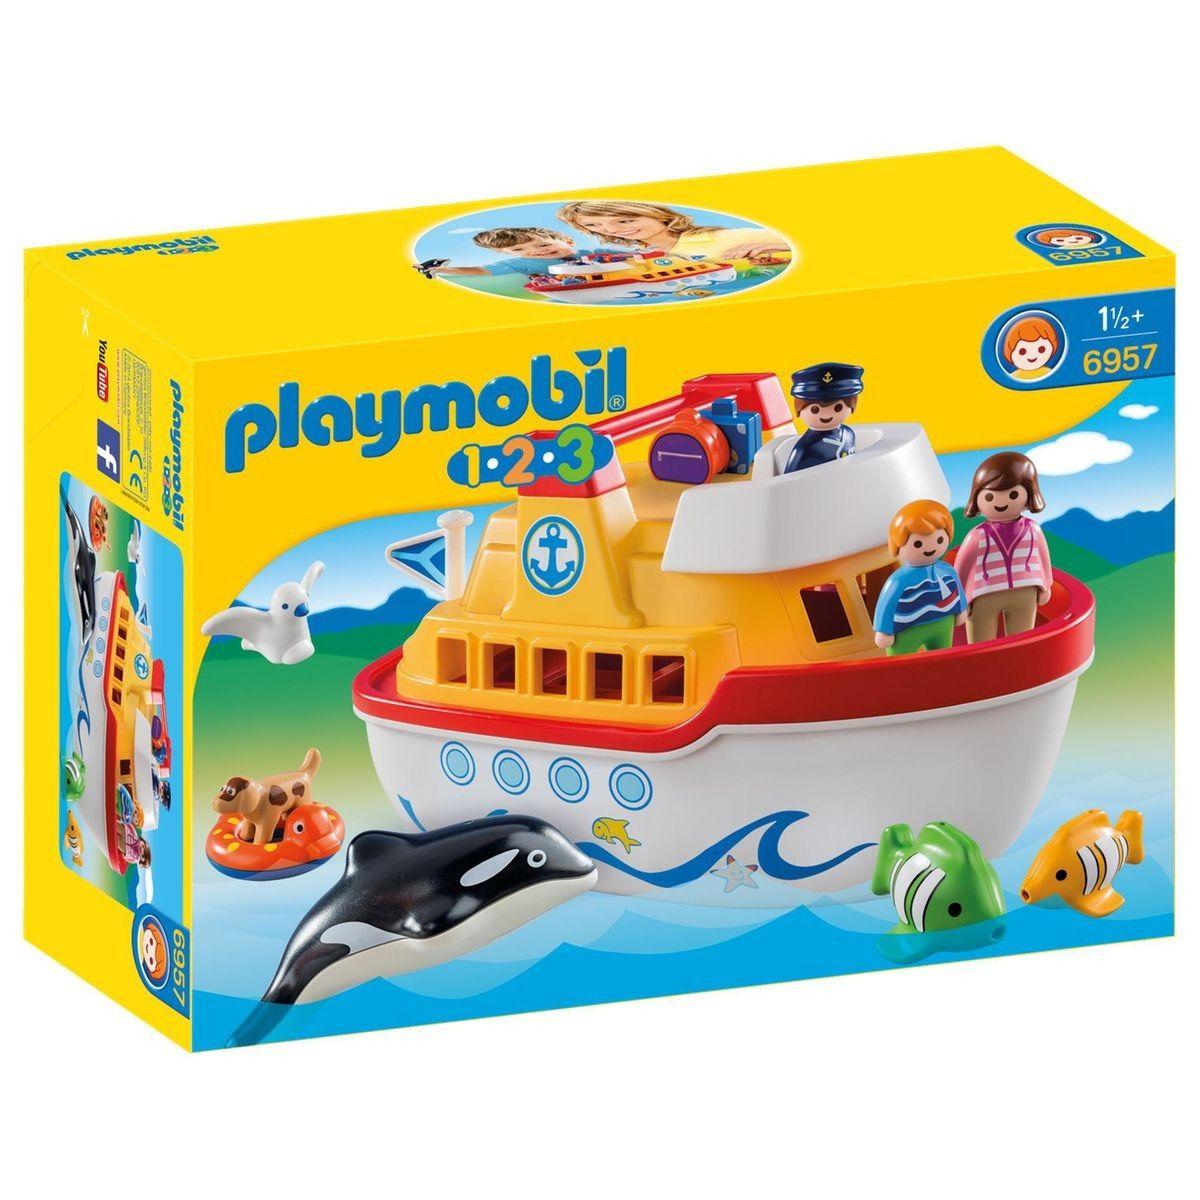 Playmobil 9118 1.2.3 Flottant Bateau pirate avec tir canon à eau